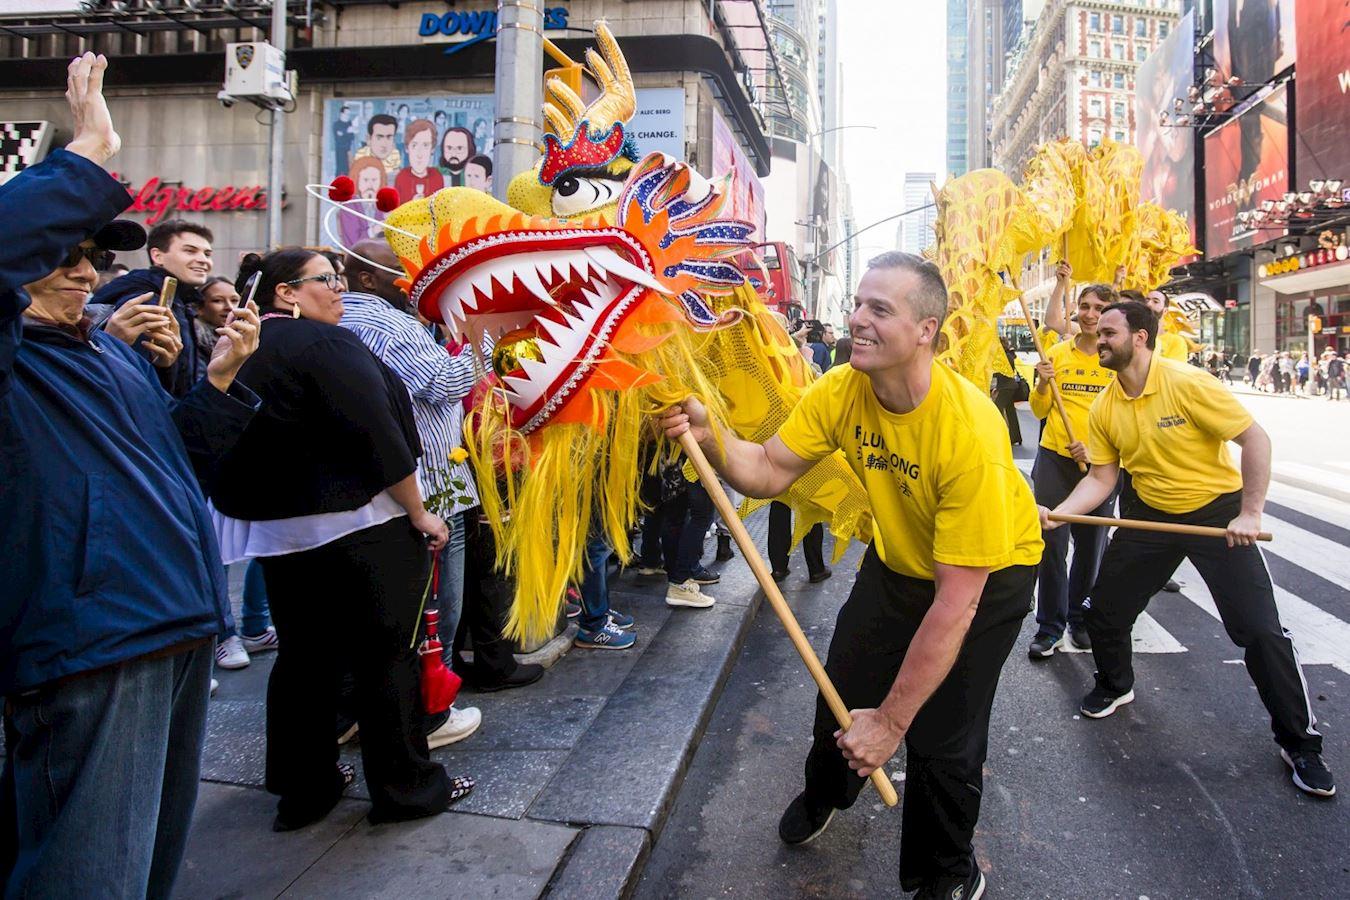 '图3:斯考特参加纽约市中国城游行,担任西人舞龙队的龙头手(摄于2017年)'